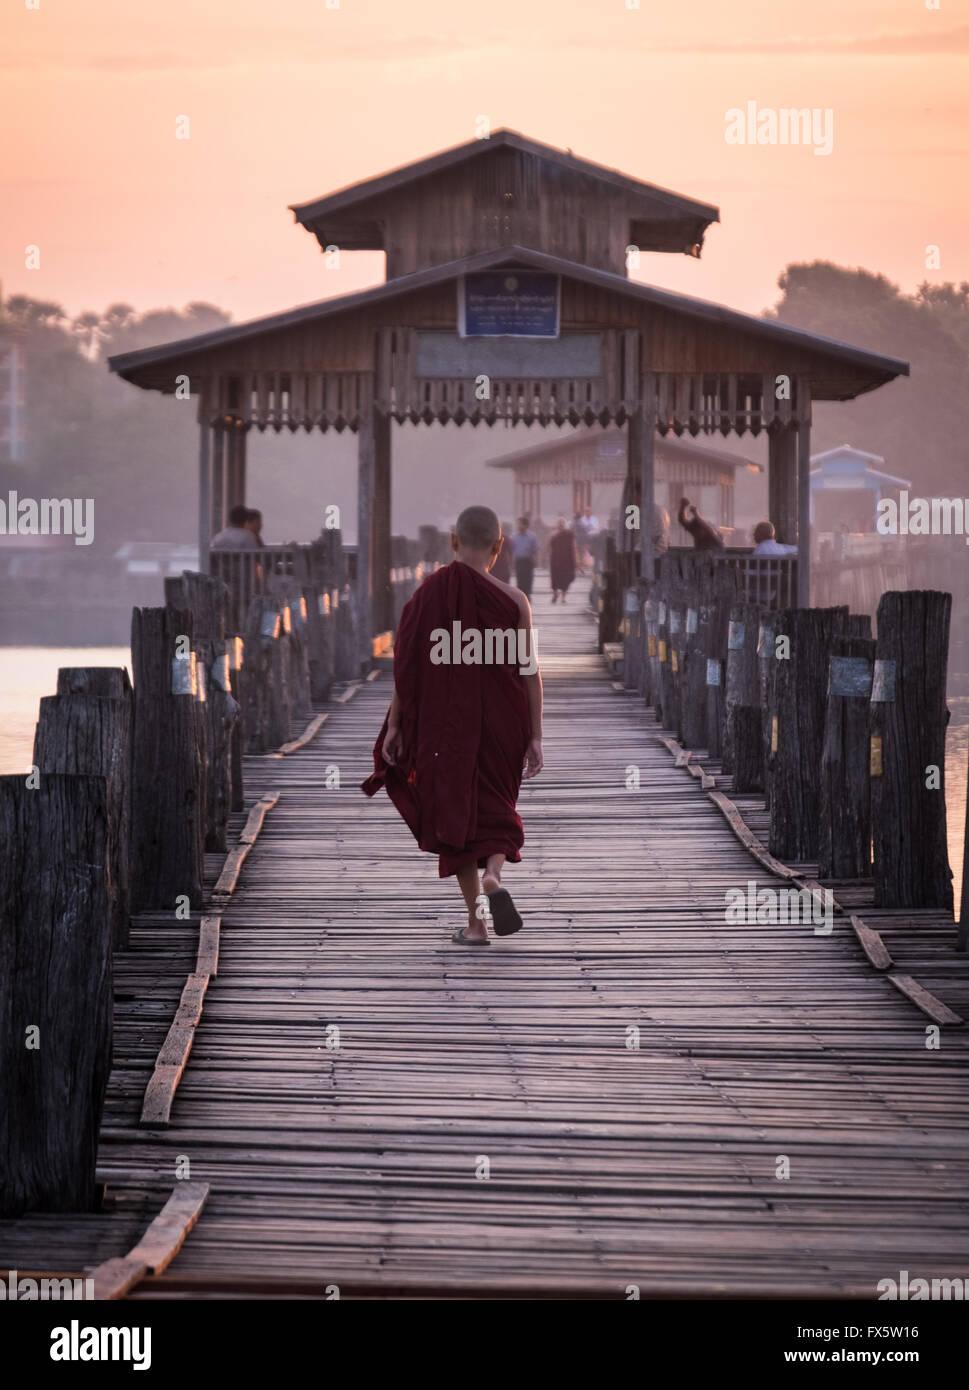 Un novizio attraversando a piedi U Bein's Bridge all'alba Immagini Stock